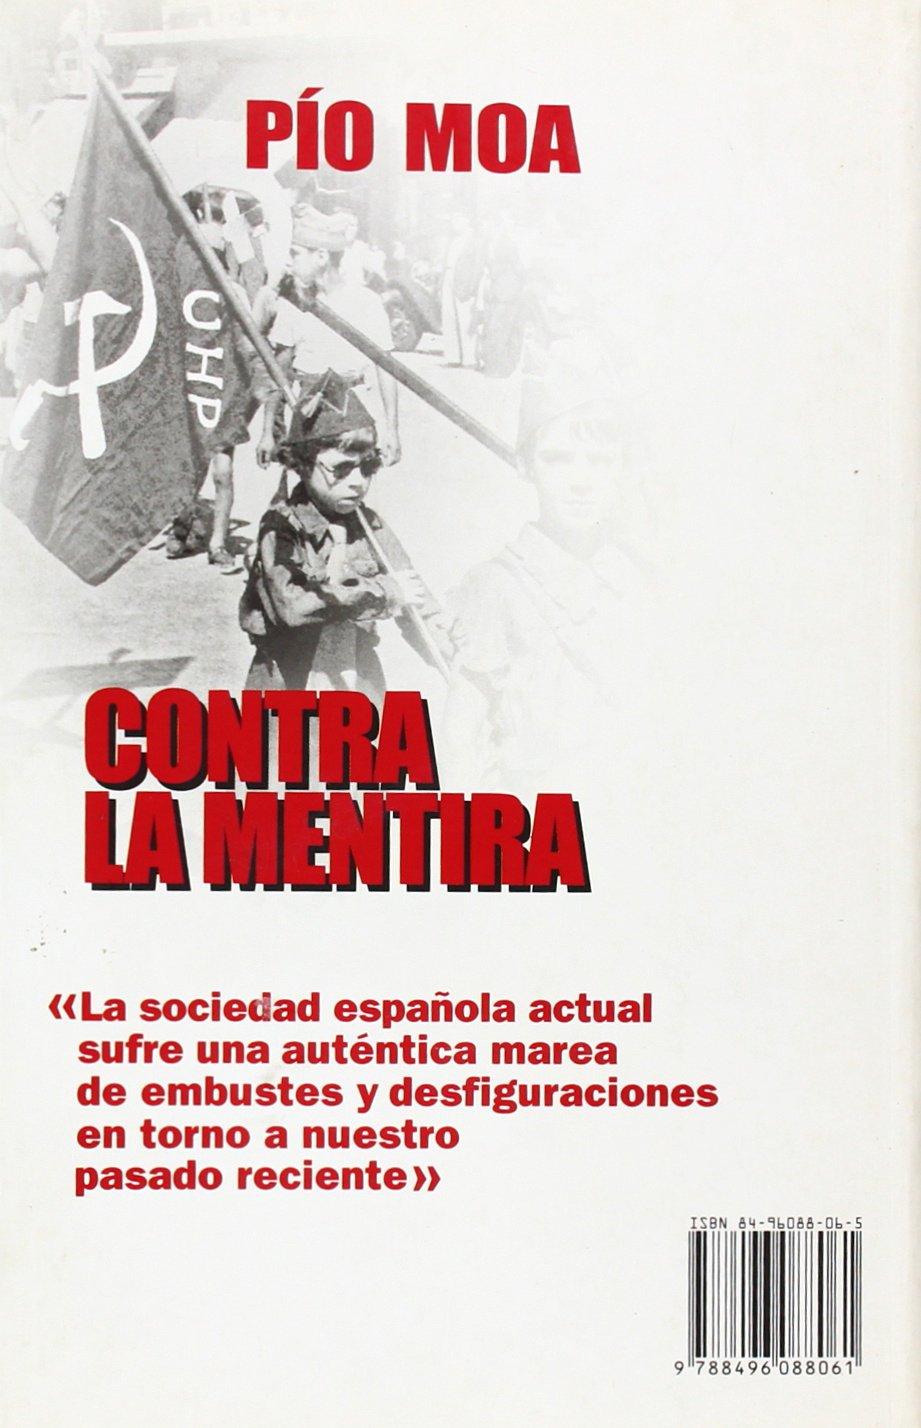 Contra la mentira: Amazon.es: Moa, Pio: Libros